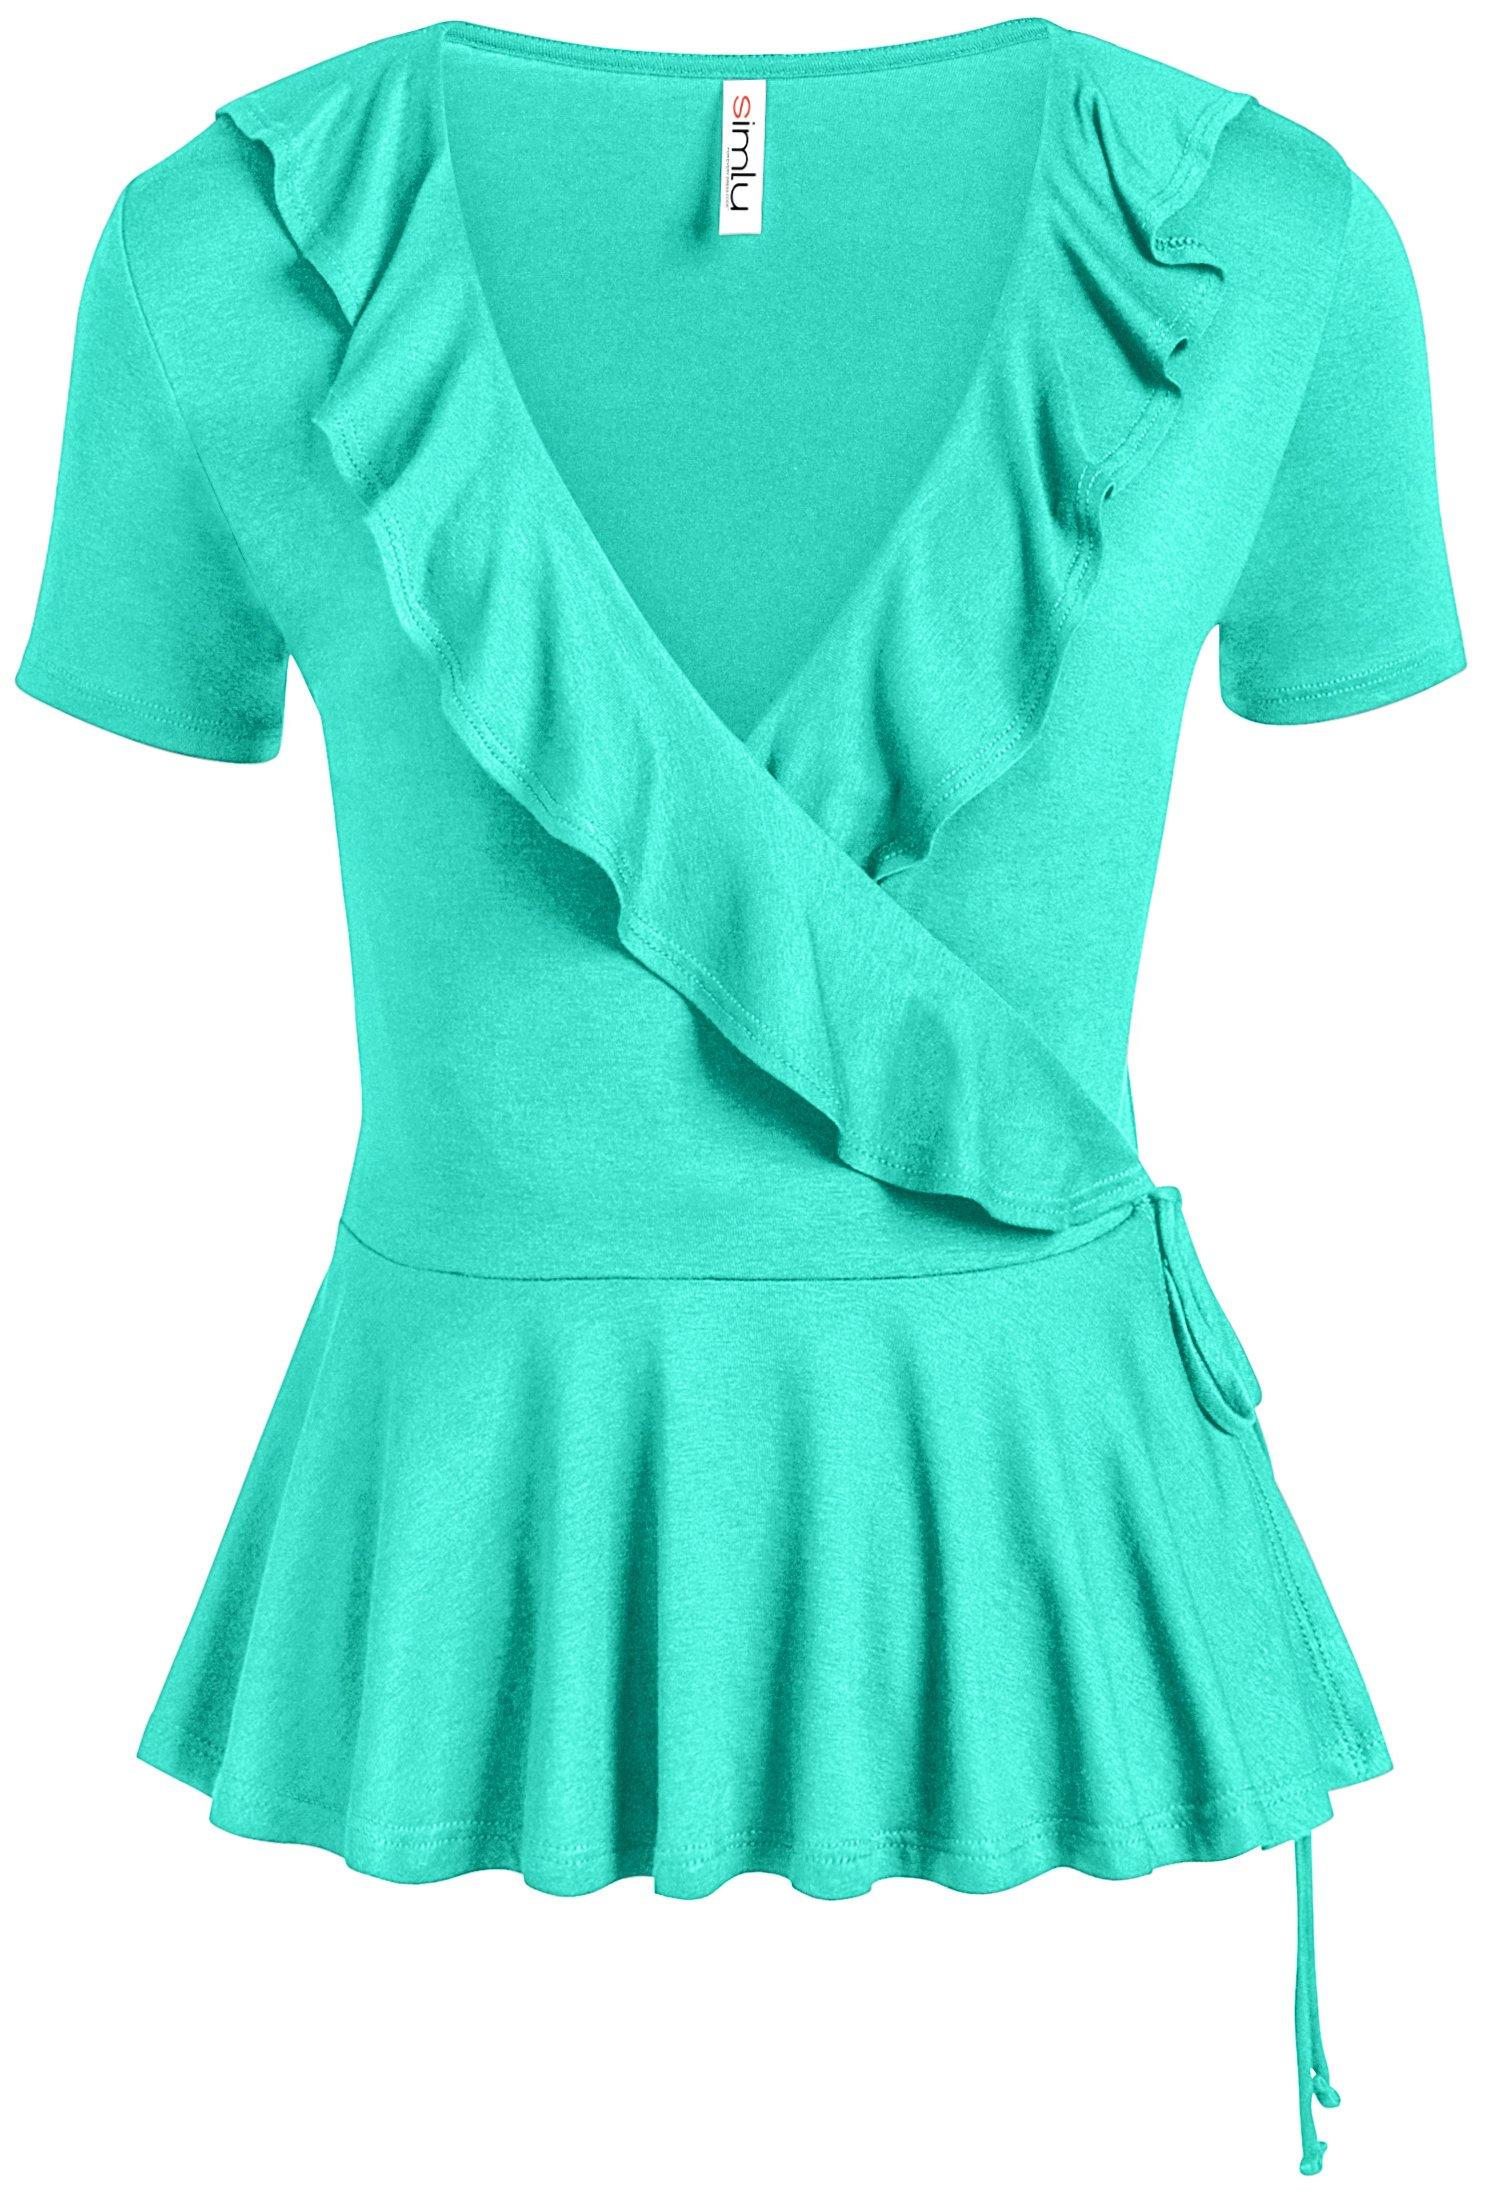 Mint Wrap Shirt Short Sleeve Deep V Neck Cross Top for Women (Size Small, Mint)